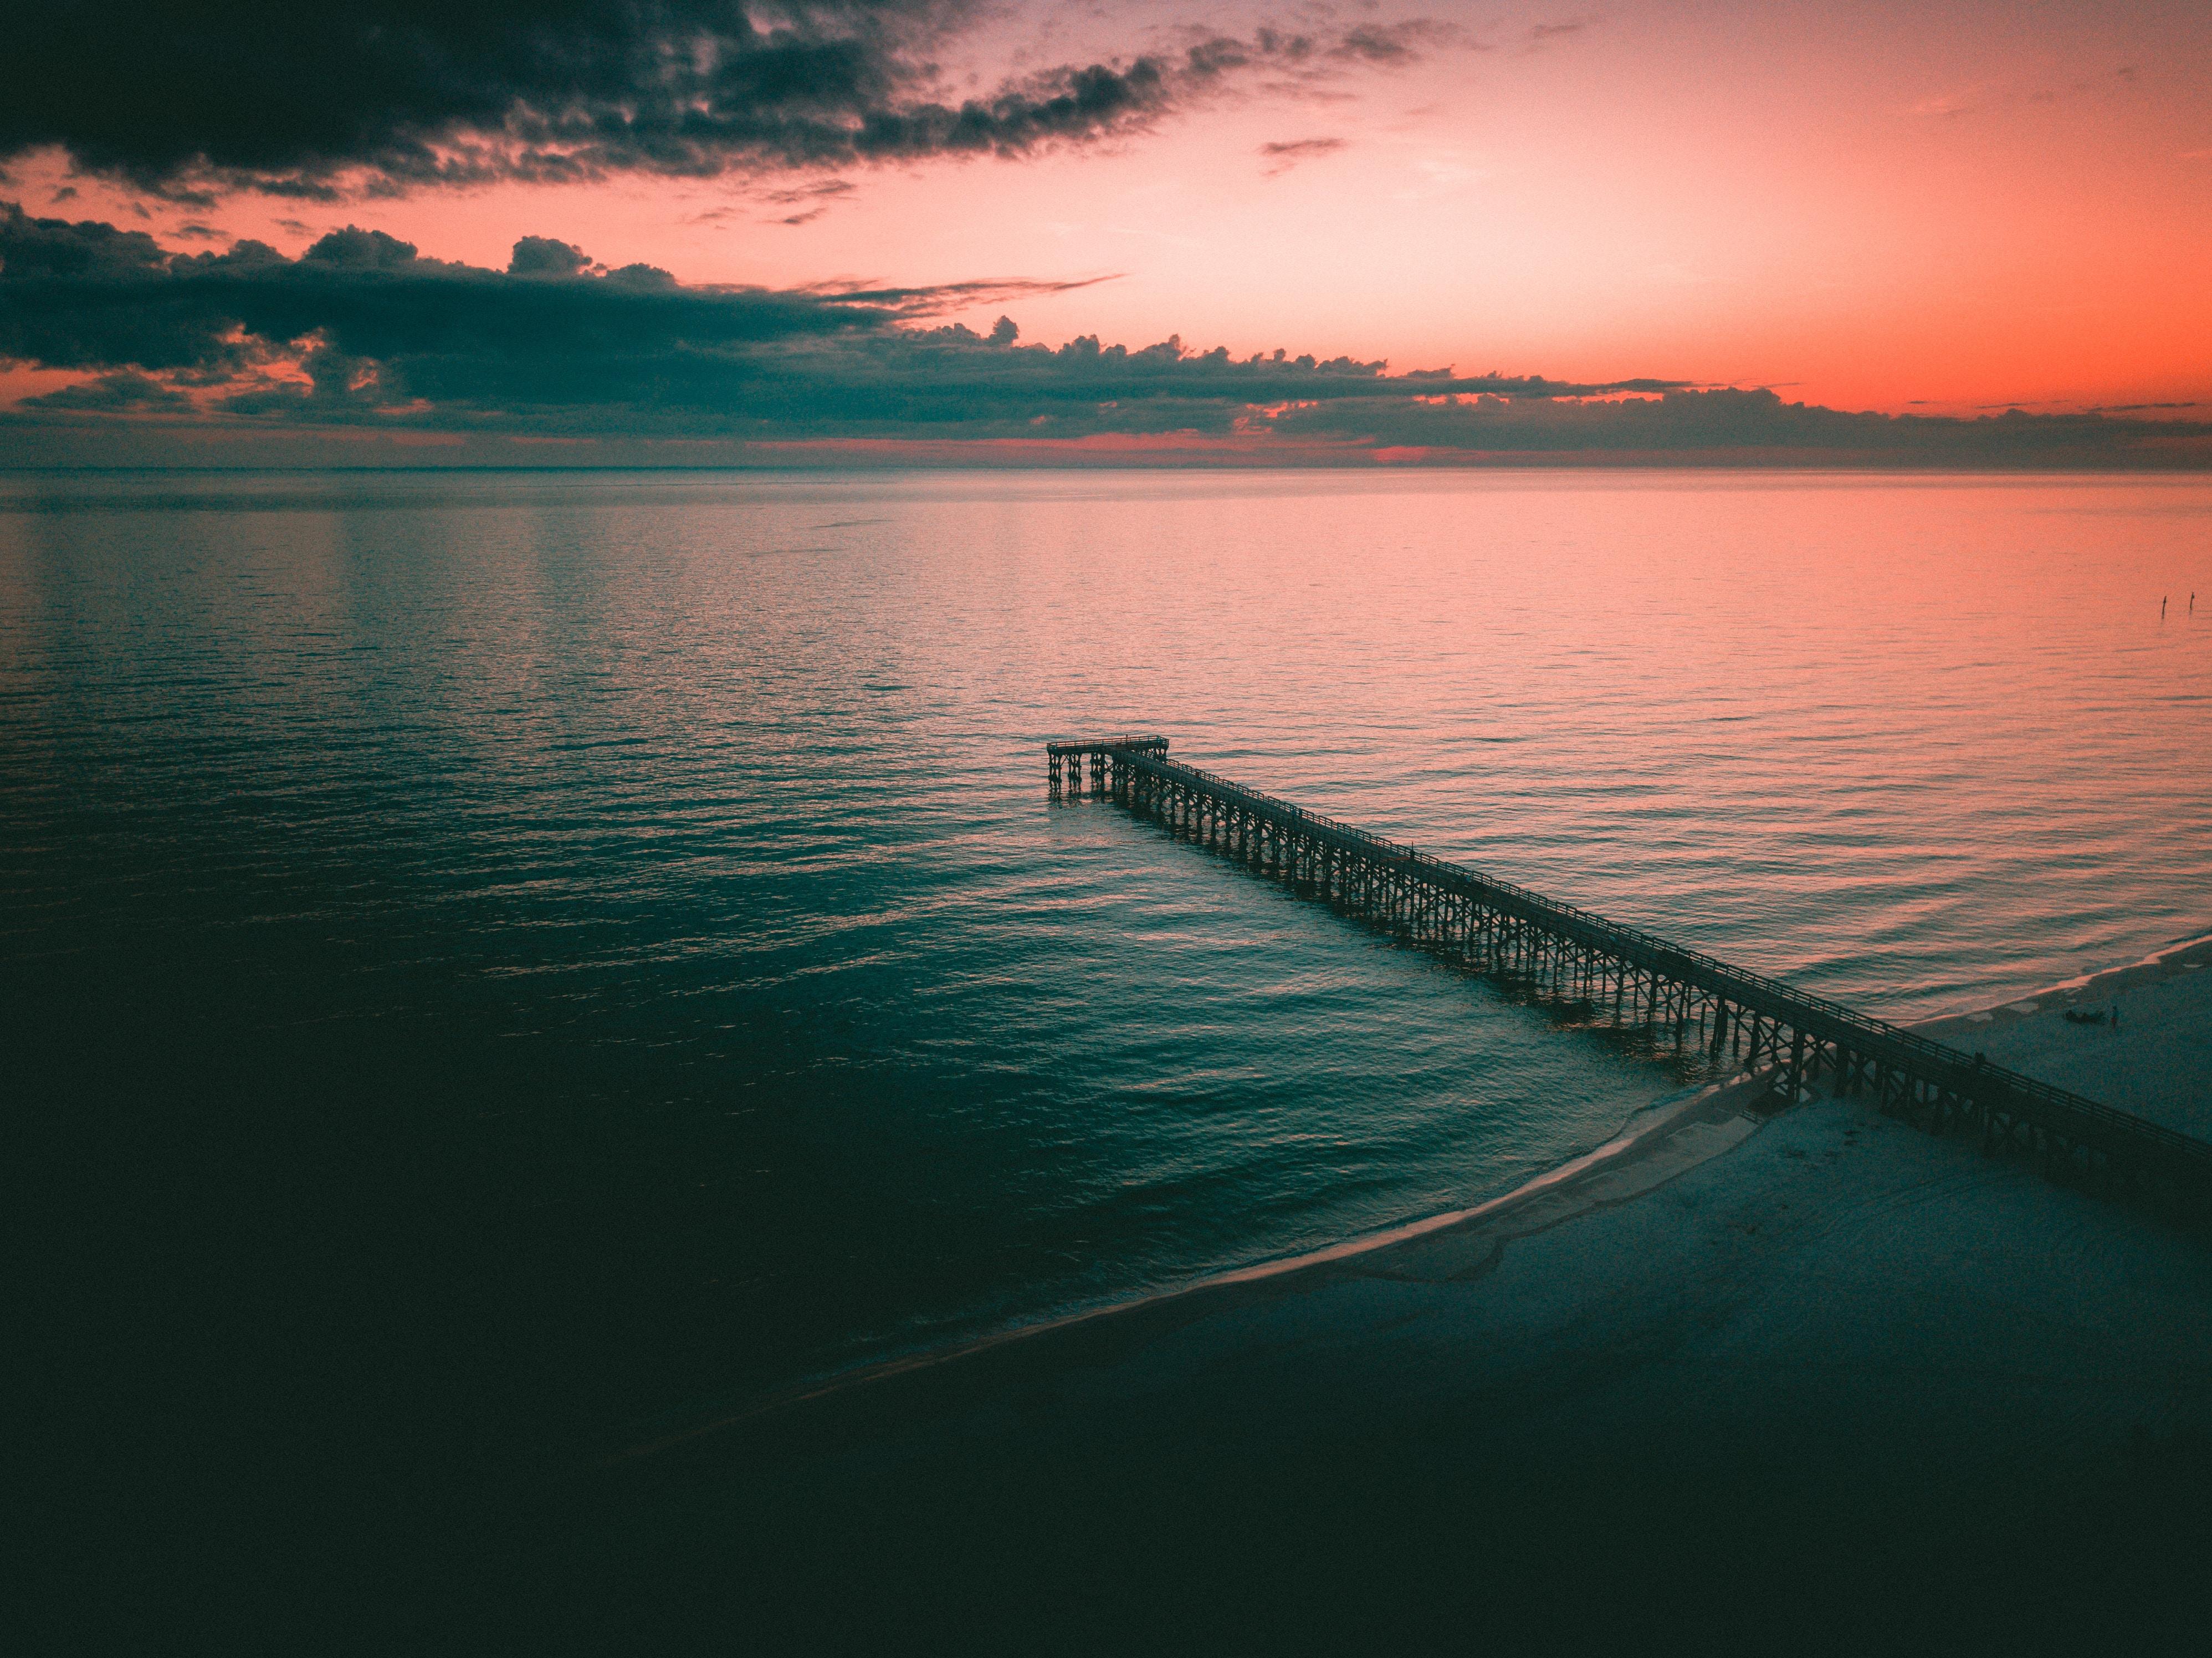 133124 завантажити шпалери Природа, Море, Сутінки, Берег, Банк, Пірс, Пристані, Пристань, Причал - заставки і картинки безкоштовно